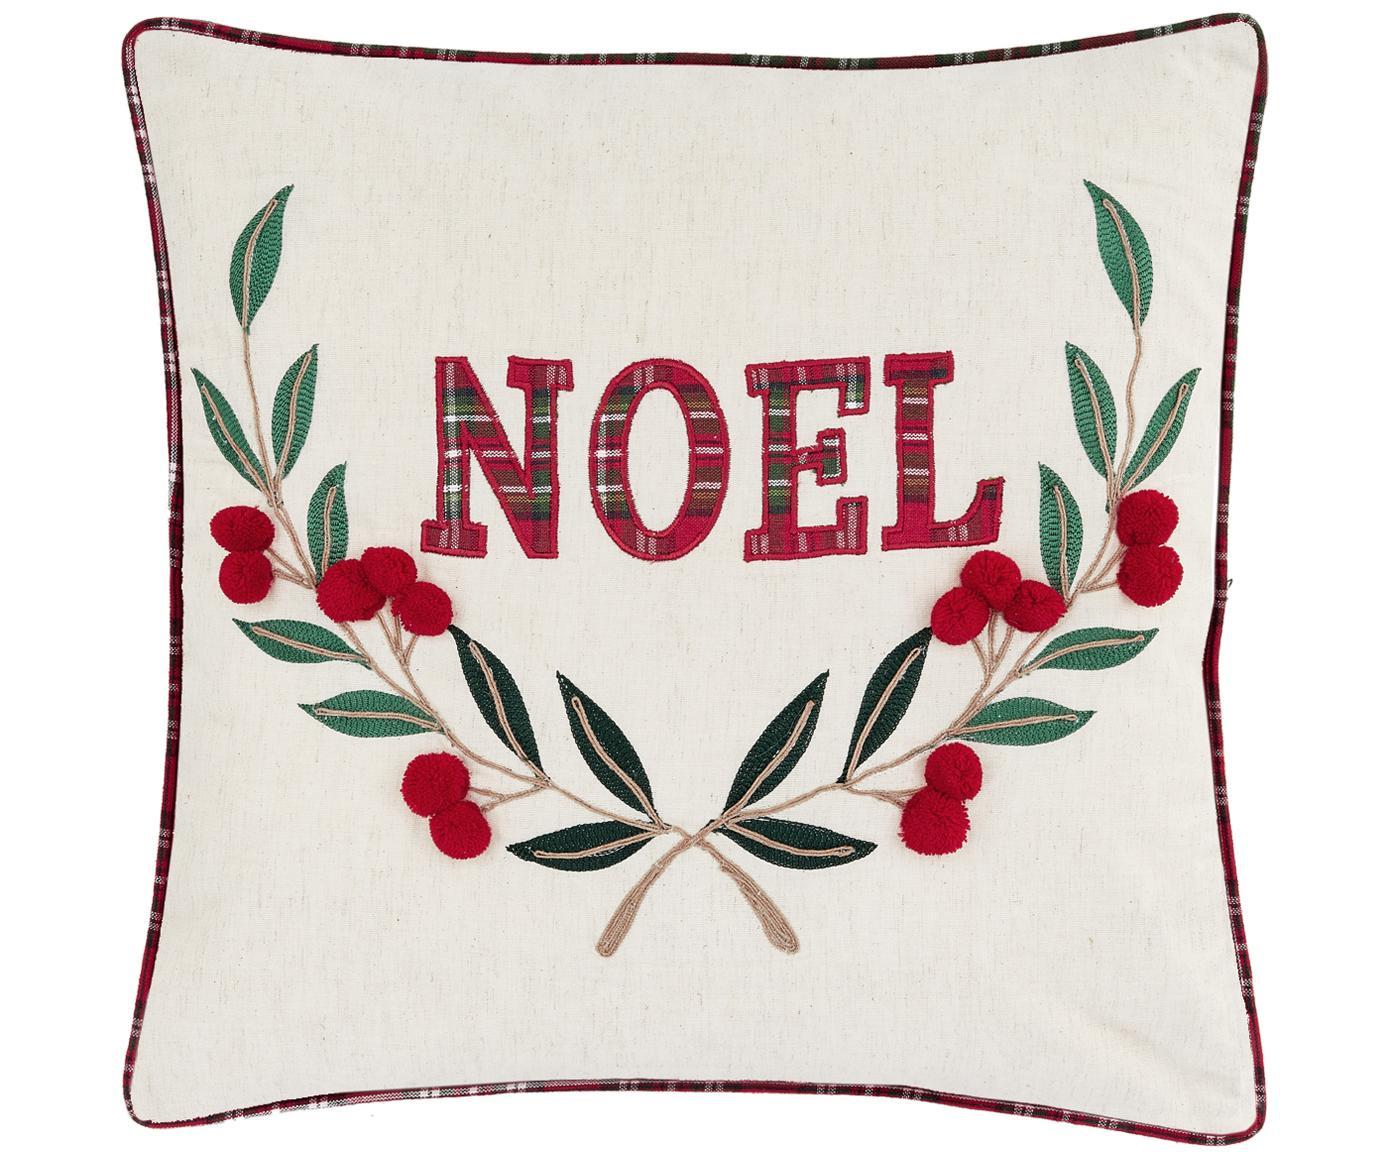 Kussenhoes Noel, Katoen, Voorzijde: crèmekleurig, rood, groenAchterzijde: rood, 45 x 45 cm